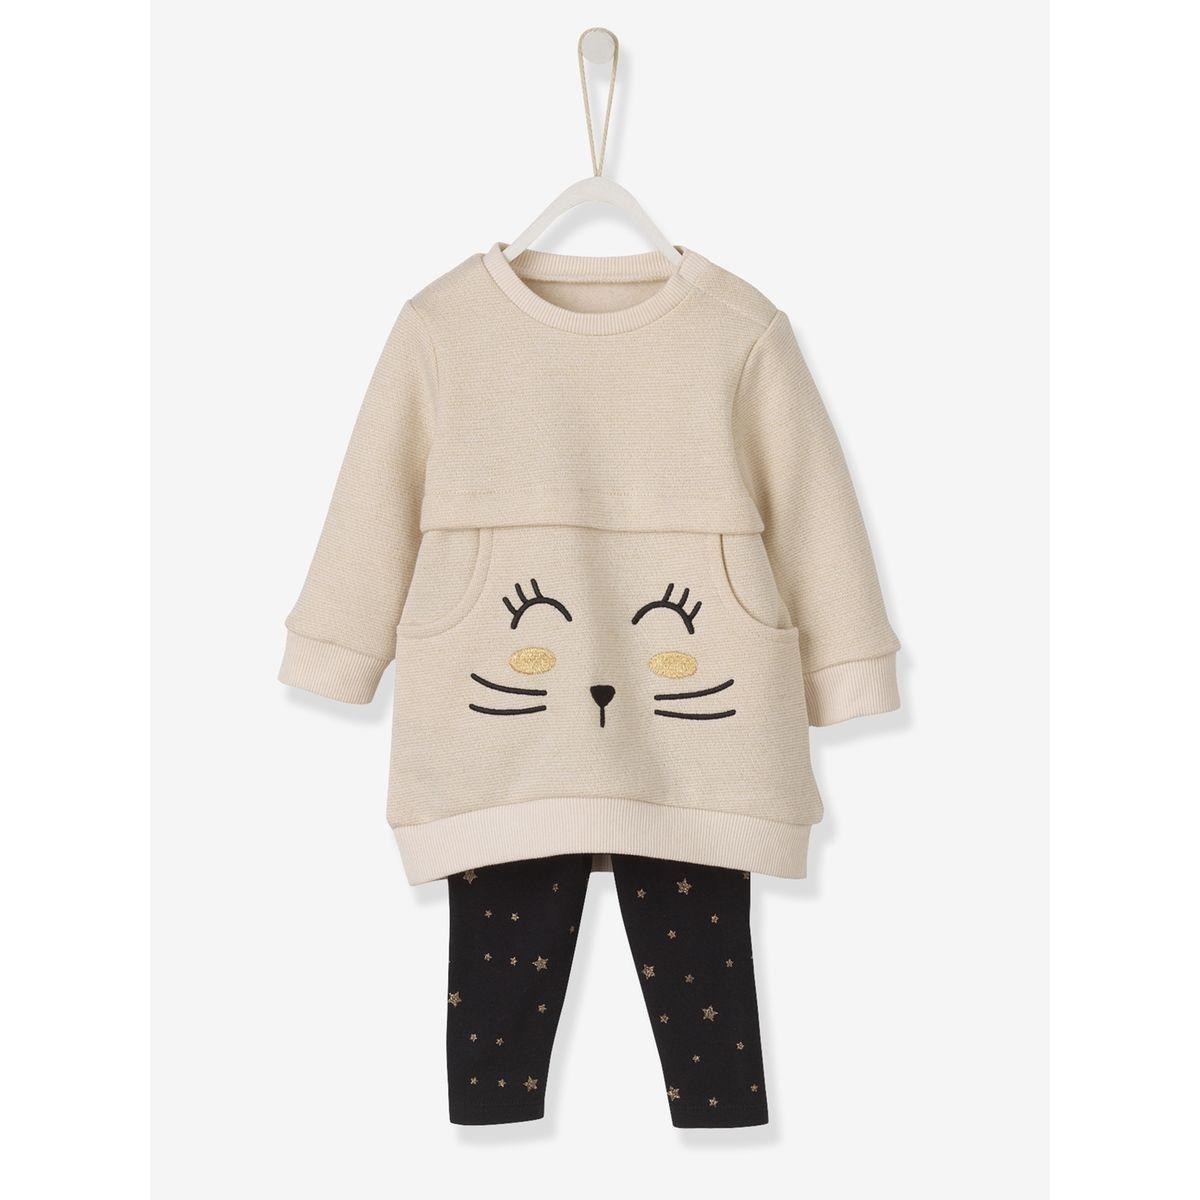 20. Ensemble bébé fille robe et legging motif irisé chat 6 mois 1c51d5057ea